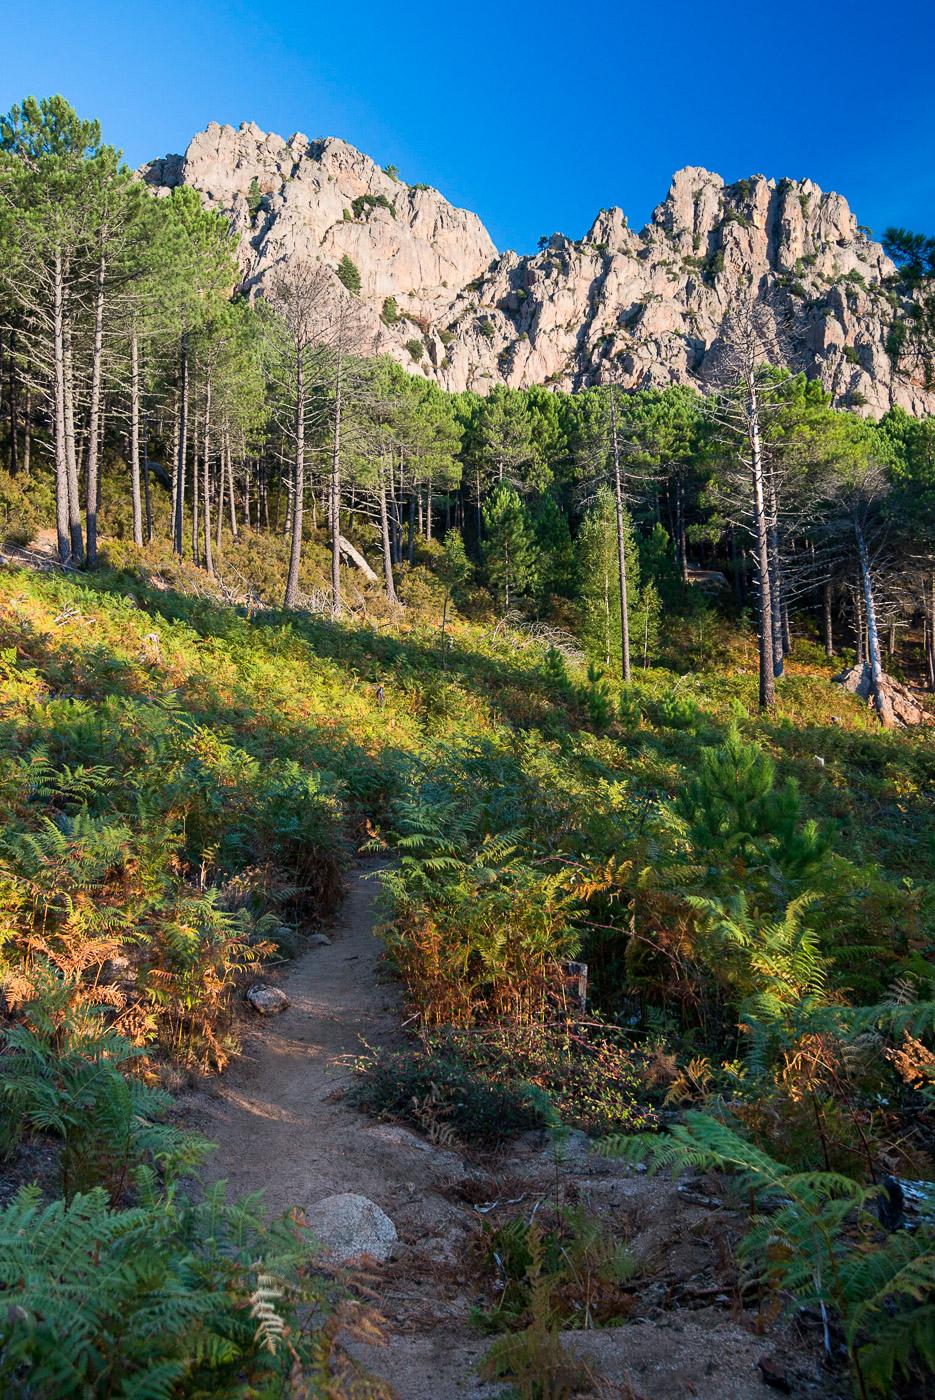 Sentier de randonnée - © Damien Roué